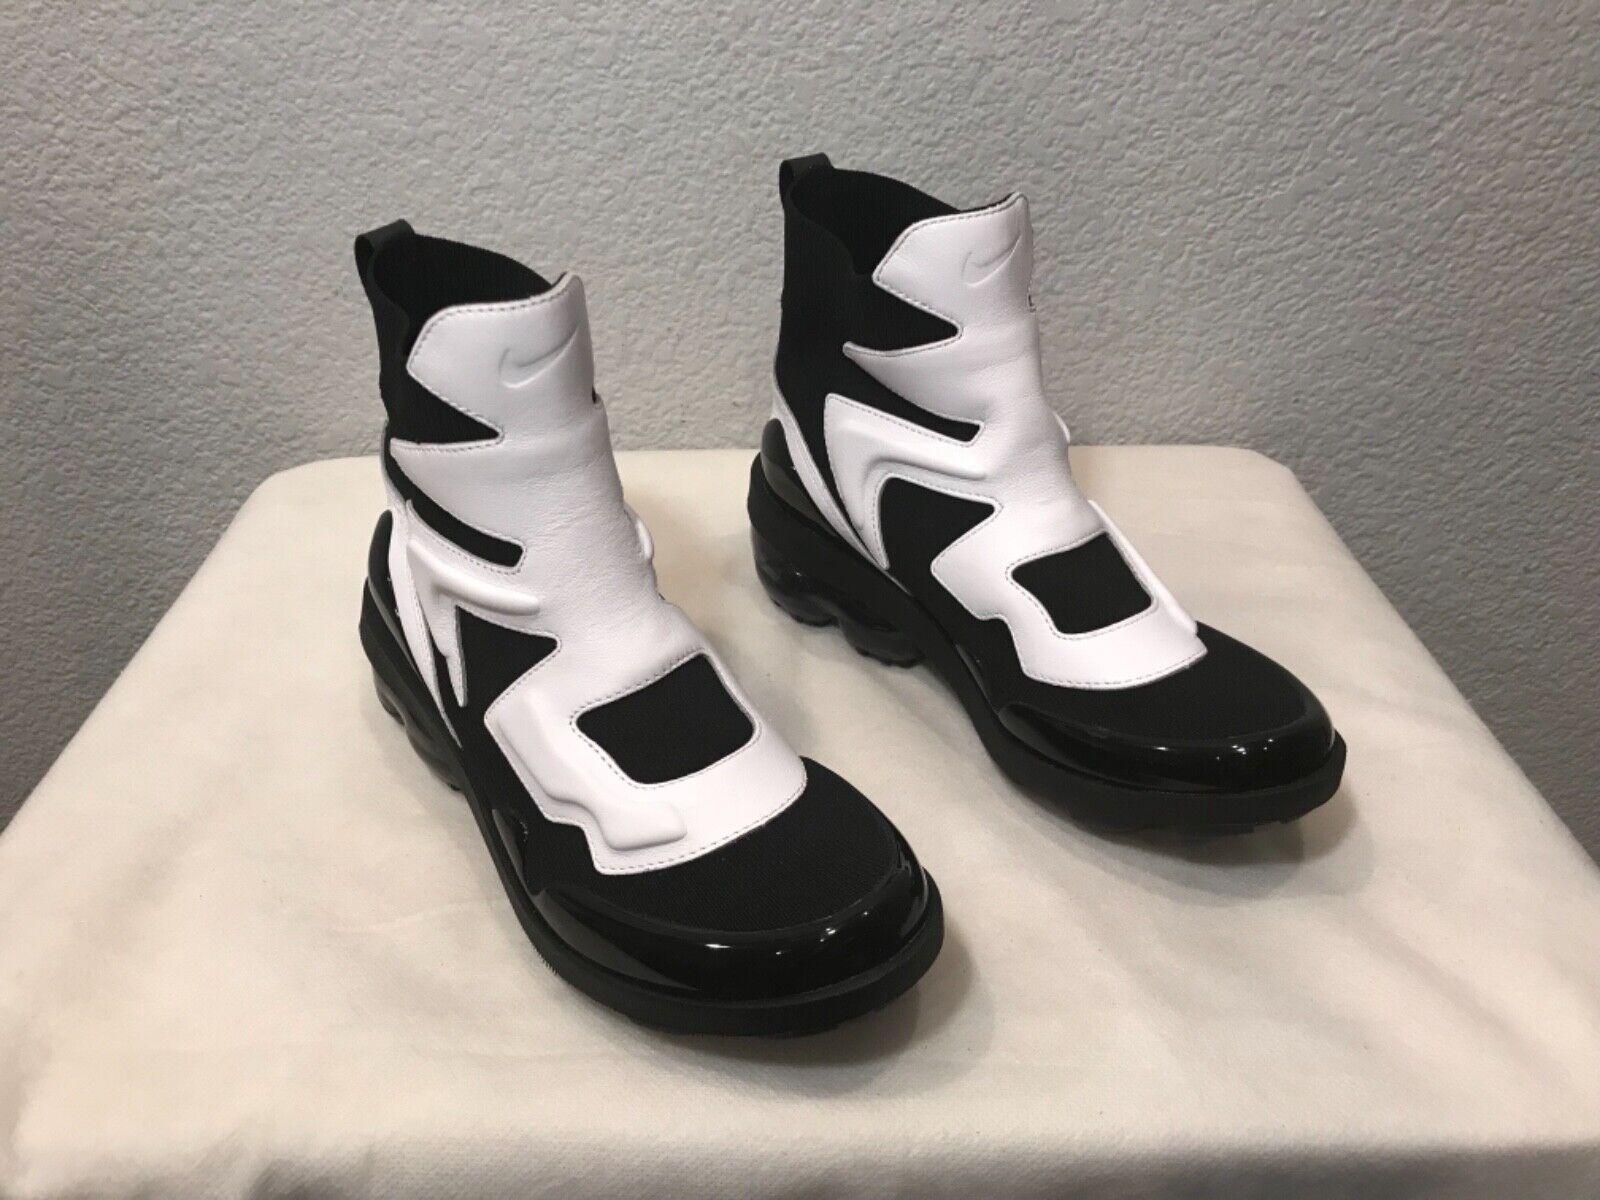 nyA nyA nyA RYCKNIKE VAPORMAX ljus II VITT   BLAND TUXDO skor, MJÖLK 7  Beställ nu med stor rabatt och gratis leverans